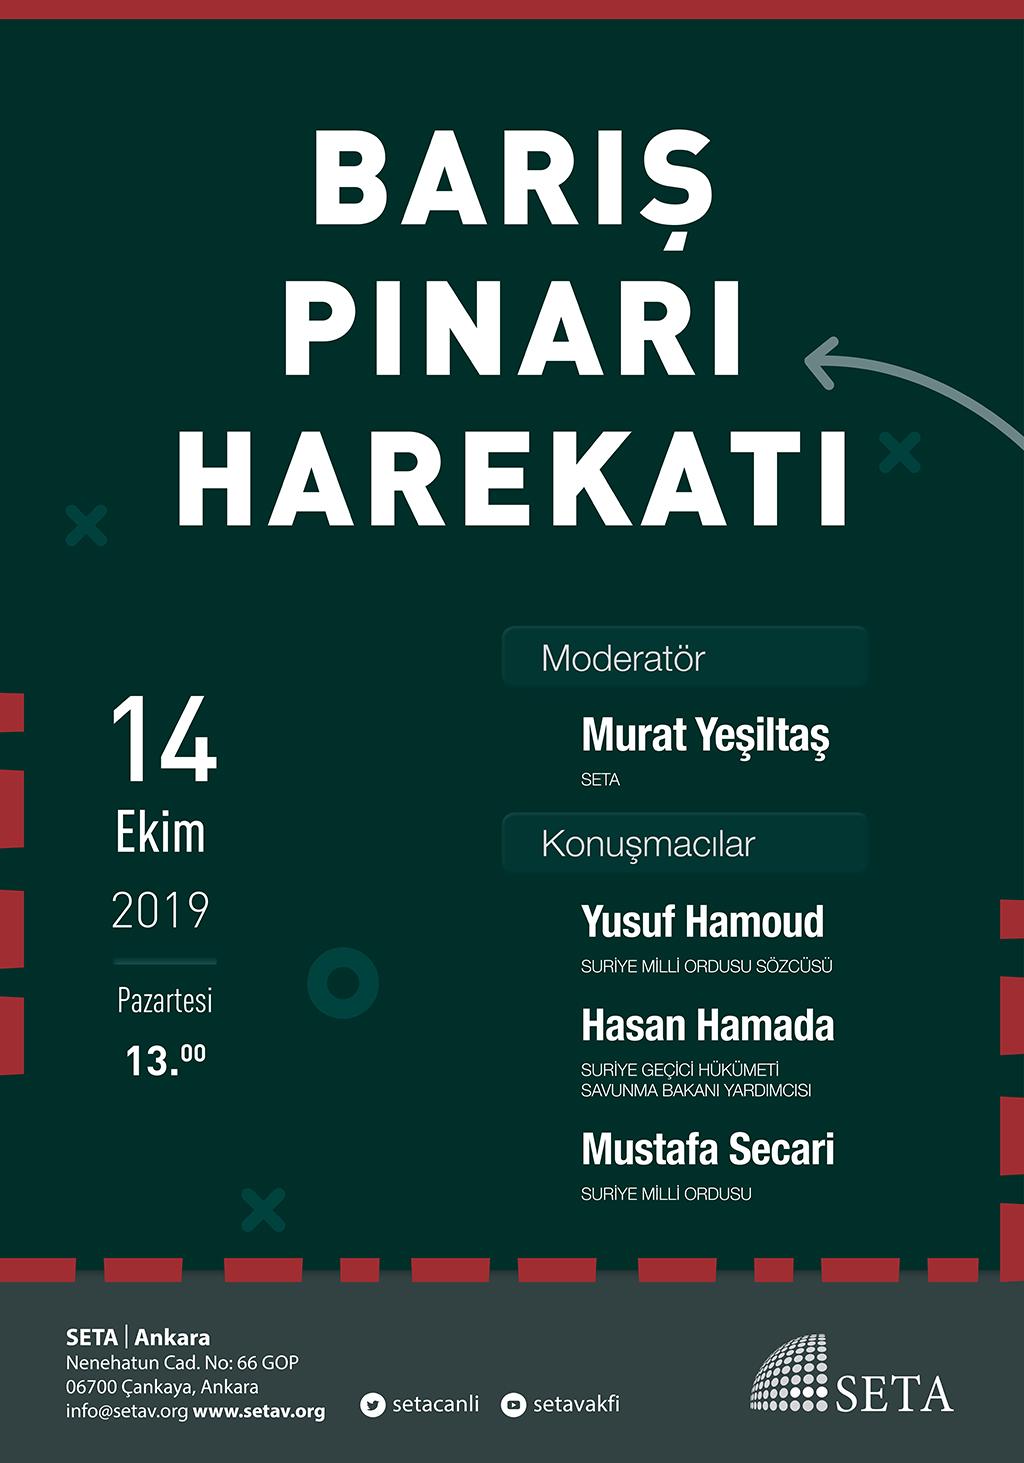 Panel: Barış Pınarı Harekatı